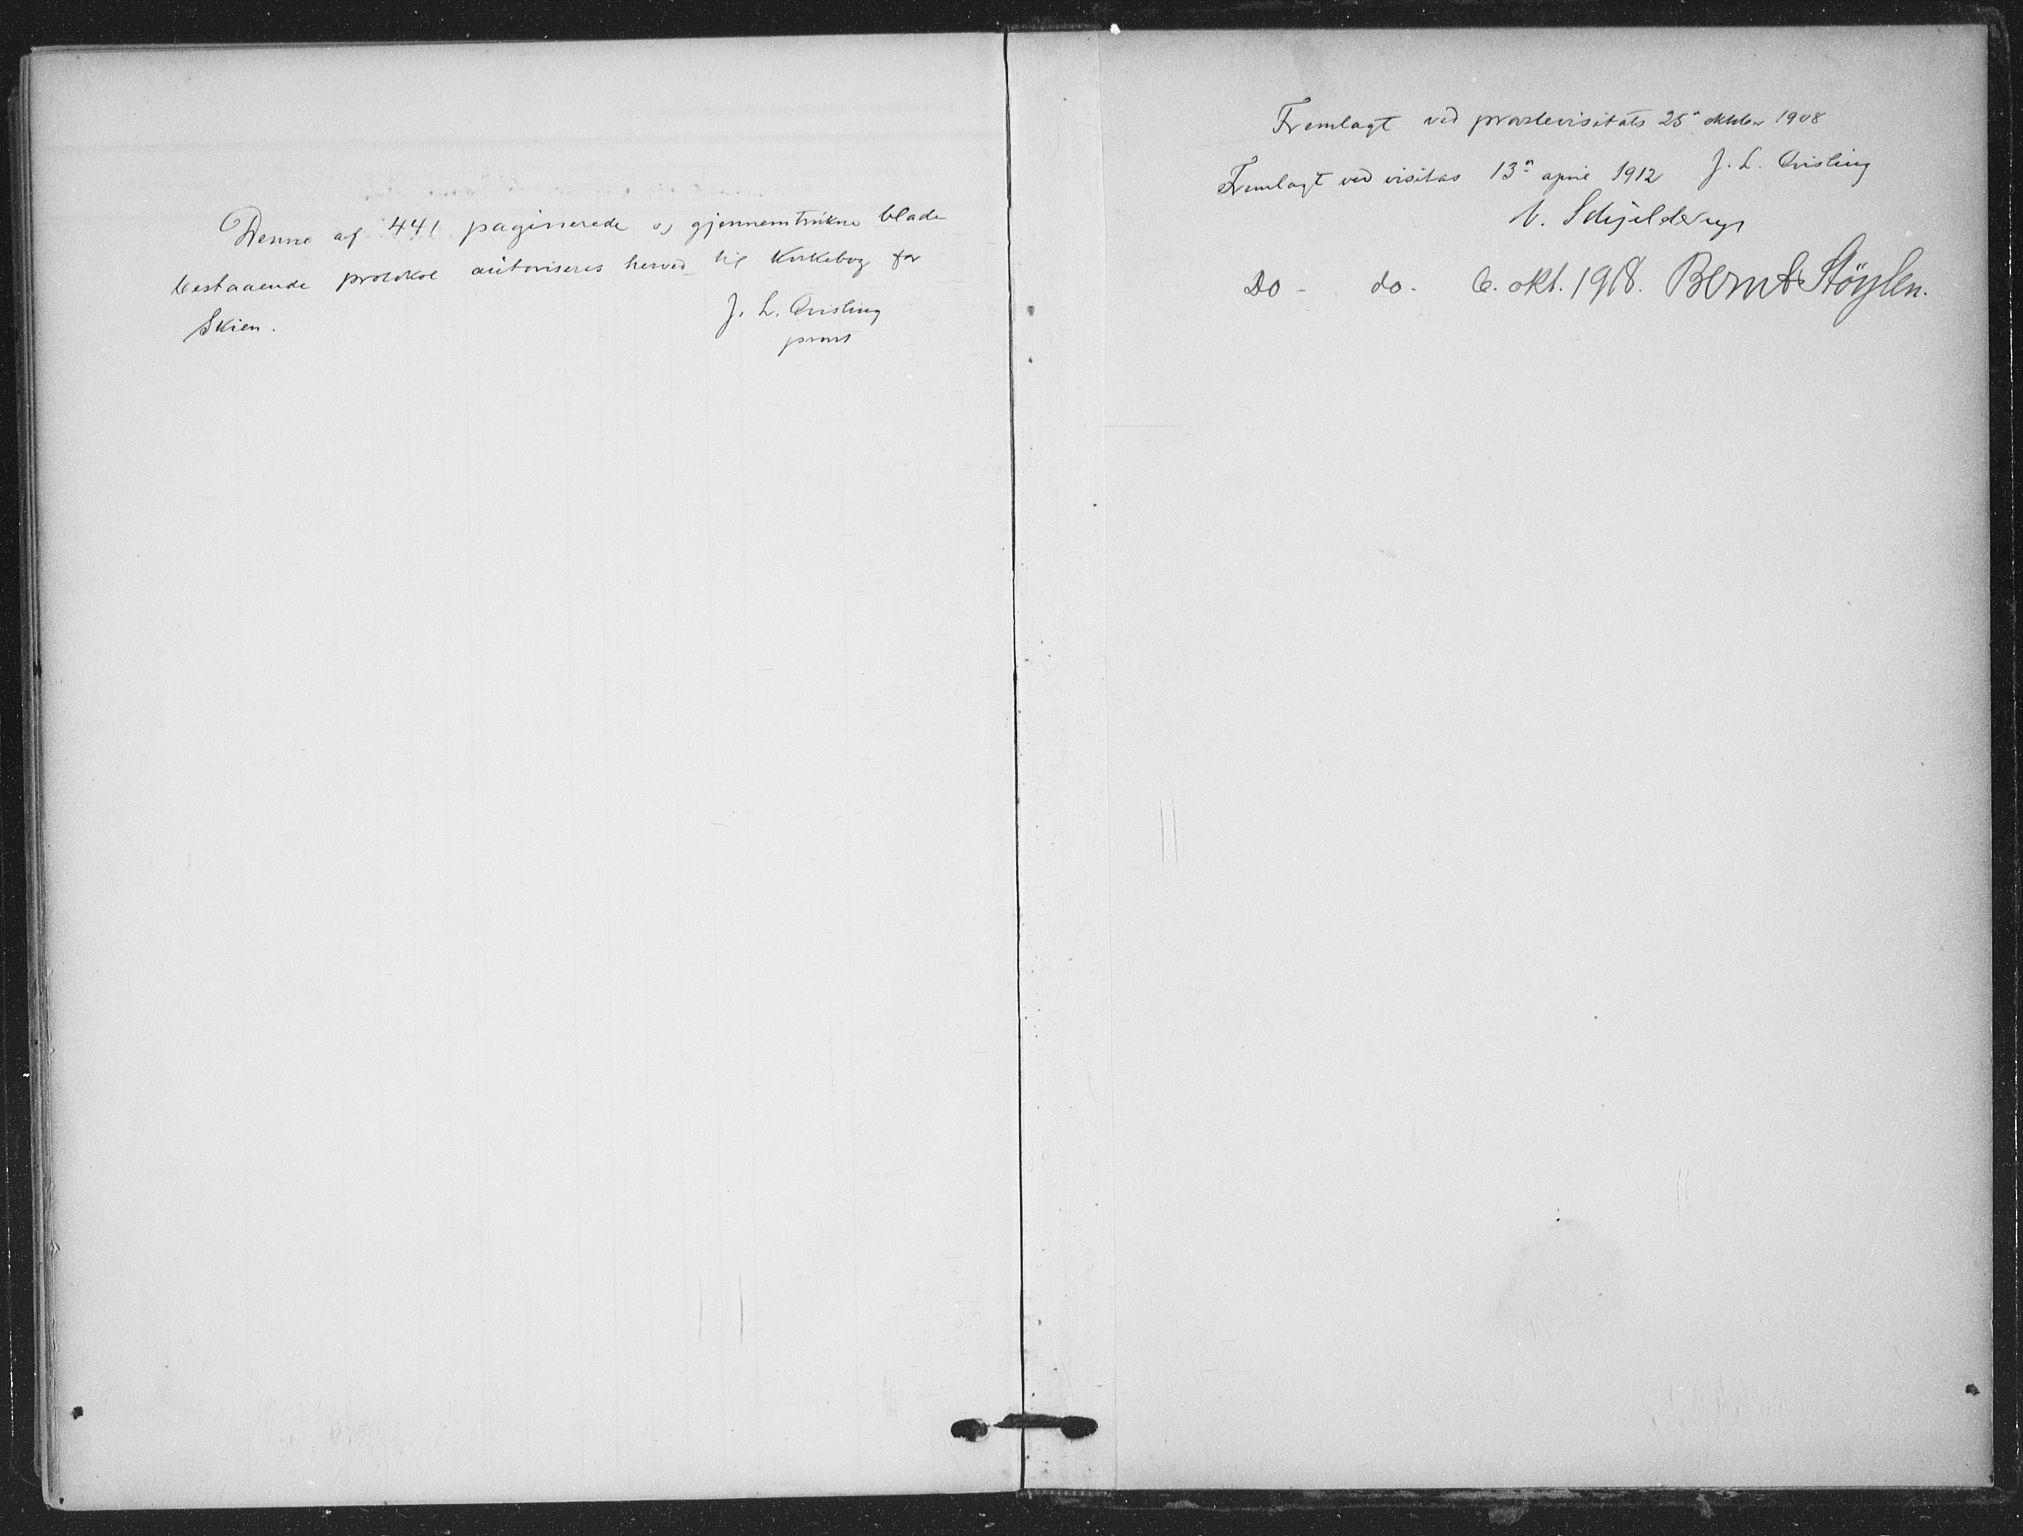 SAKO, Skien kirkebøker, F/Fa/L0012: Ministerialbok nr. 12, 1908-1914